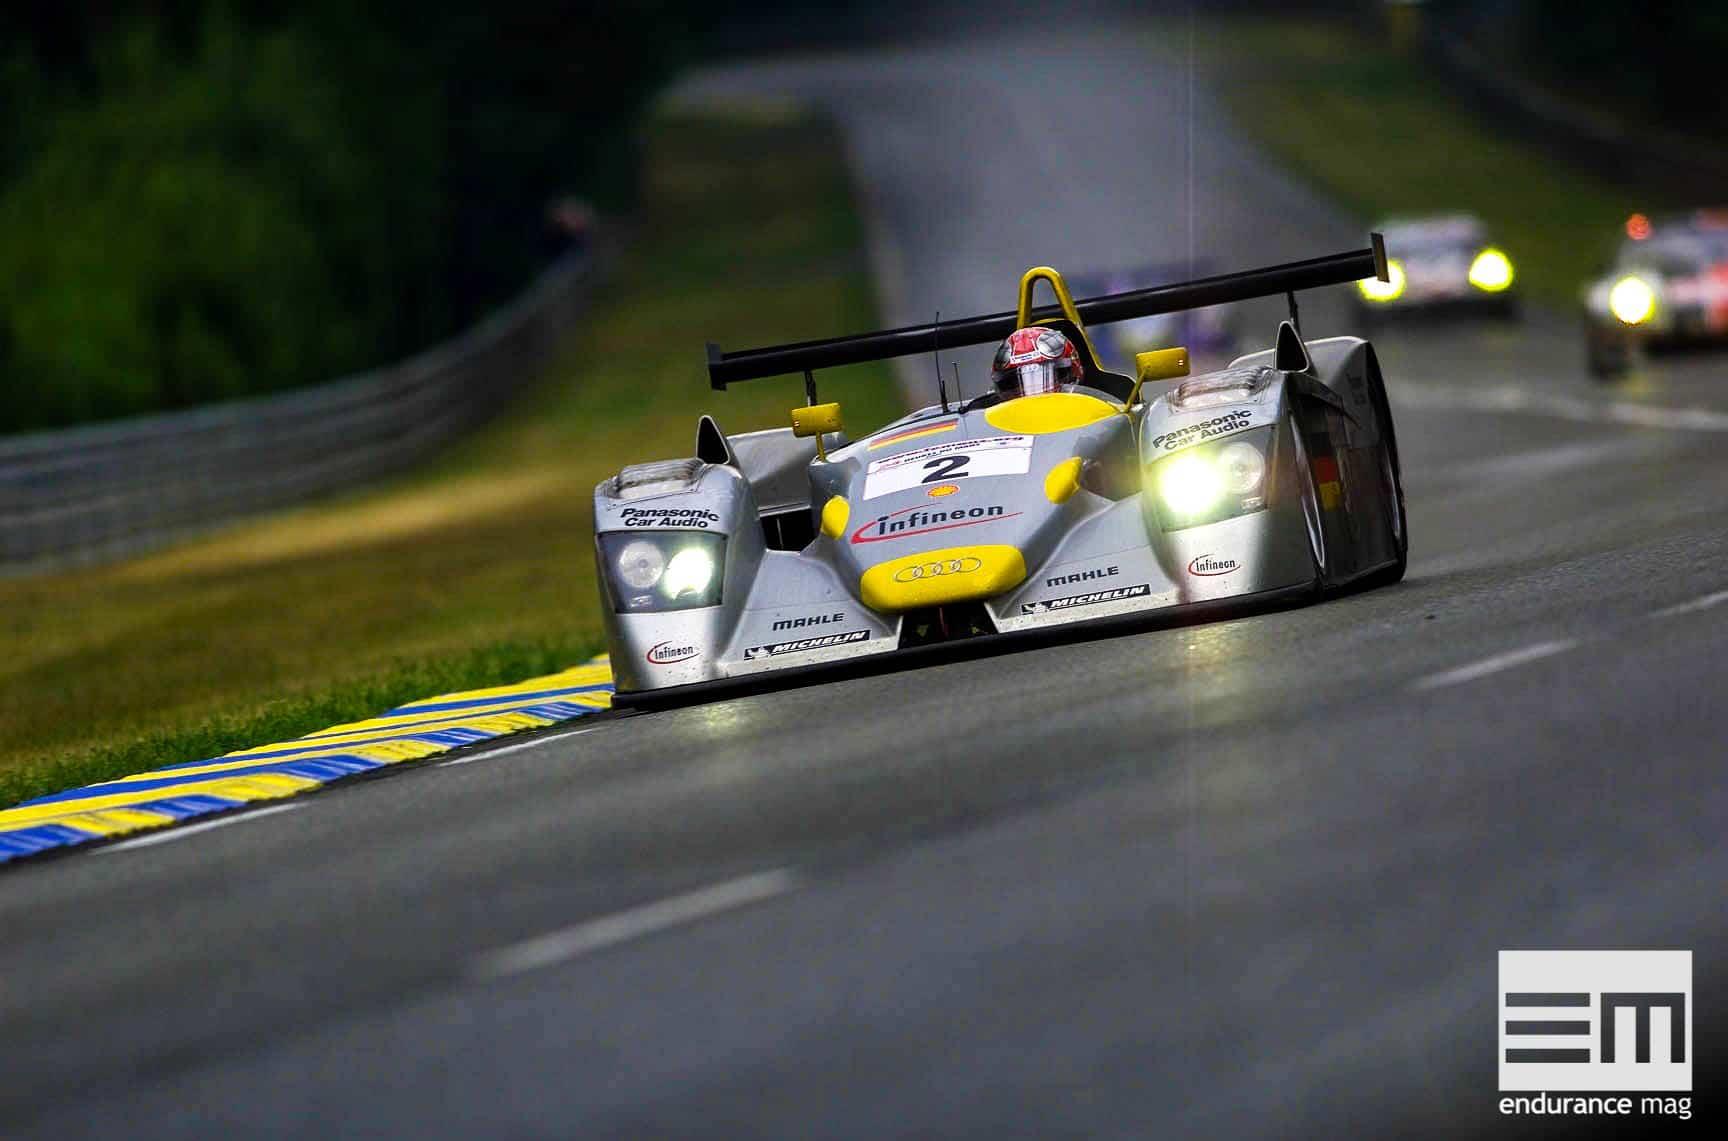 Audi R8 : 2001, la victoire face aux éléments